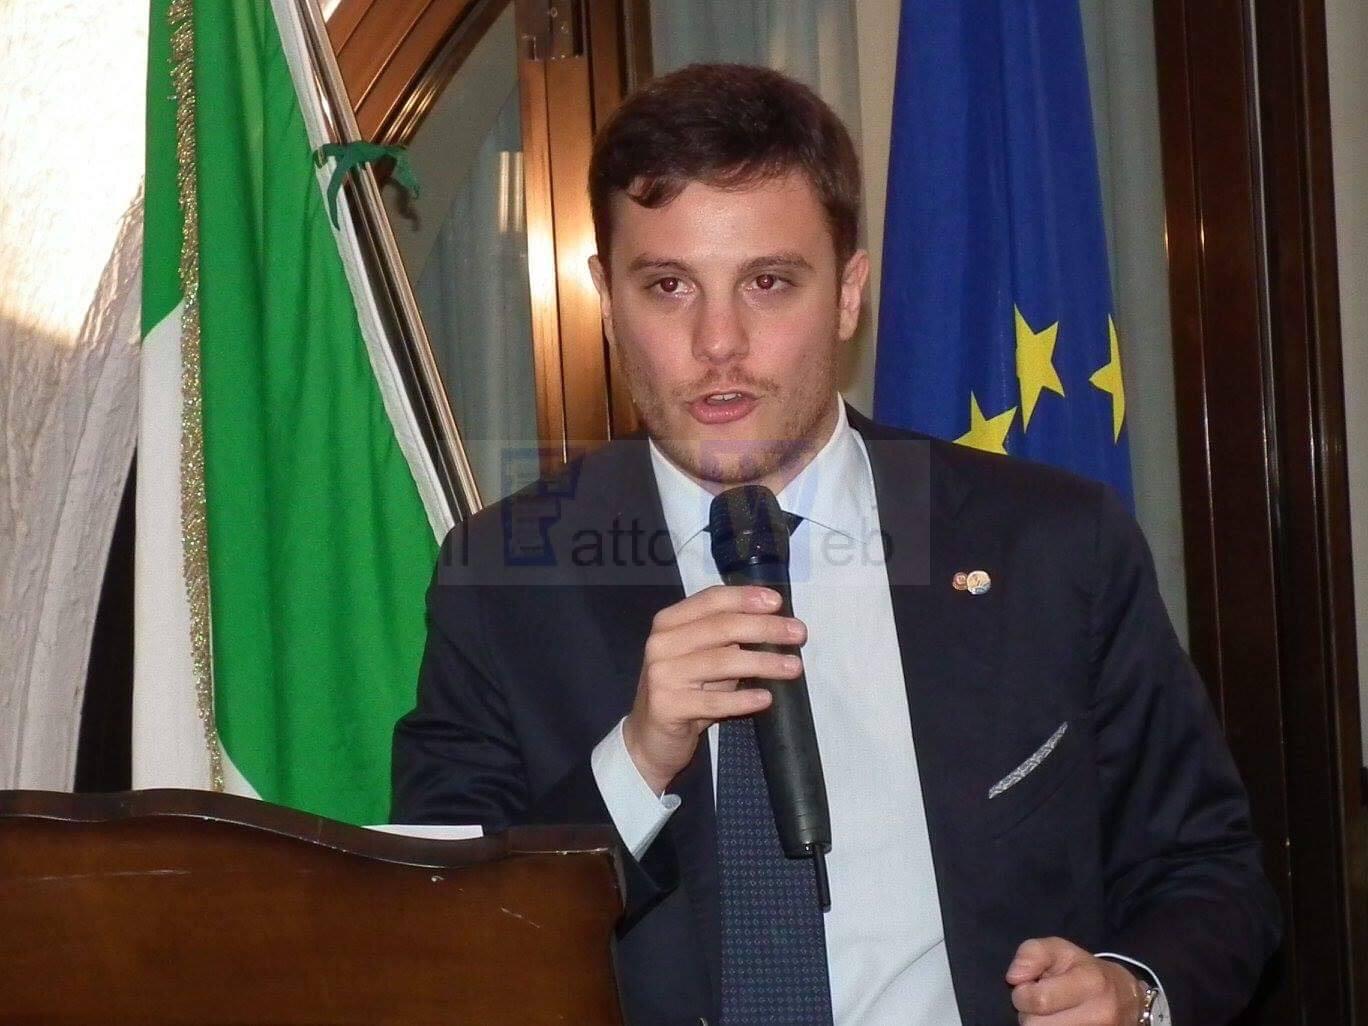 Federico Scalisi eletto al Senato Accademico dell'Università degli Studi di Catania